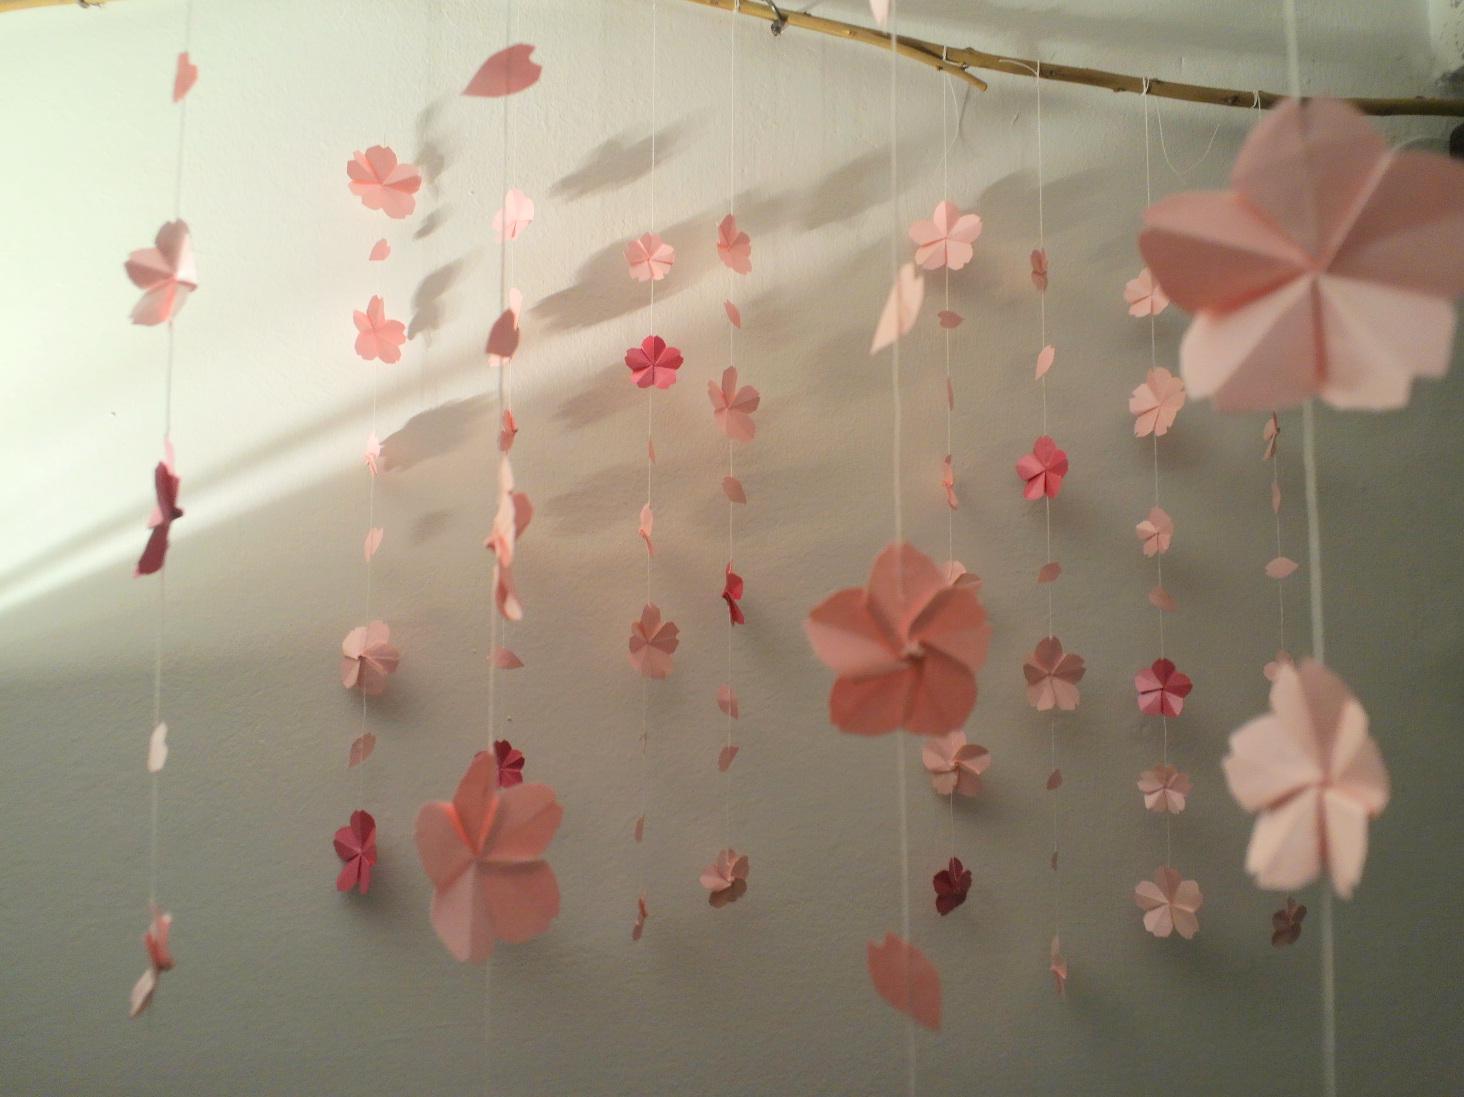 Origami mi rende felice :): fiori di ciliegio di Origami - photo#31